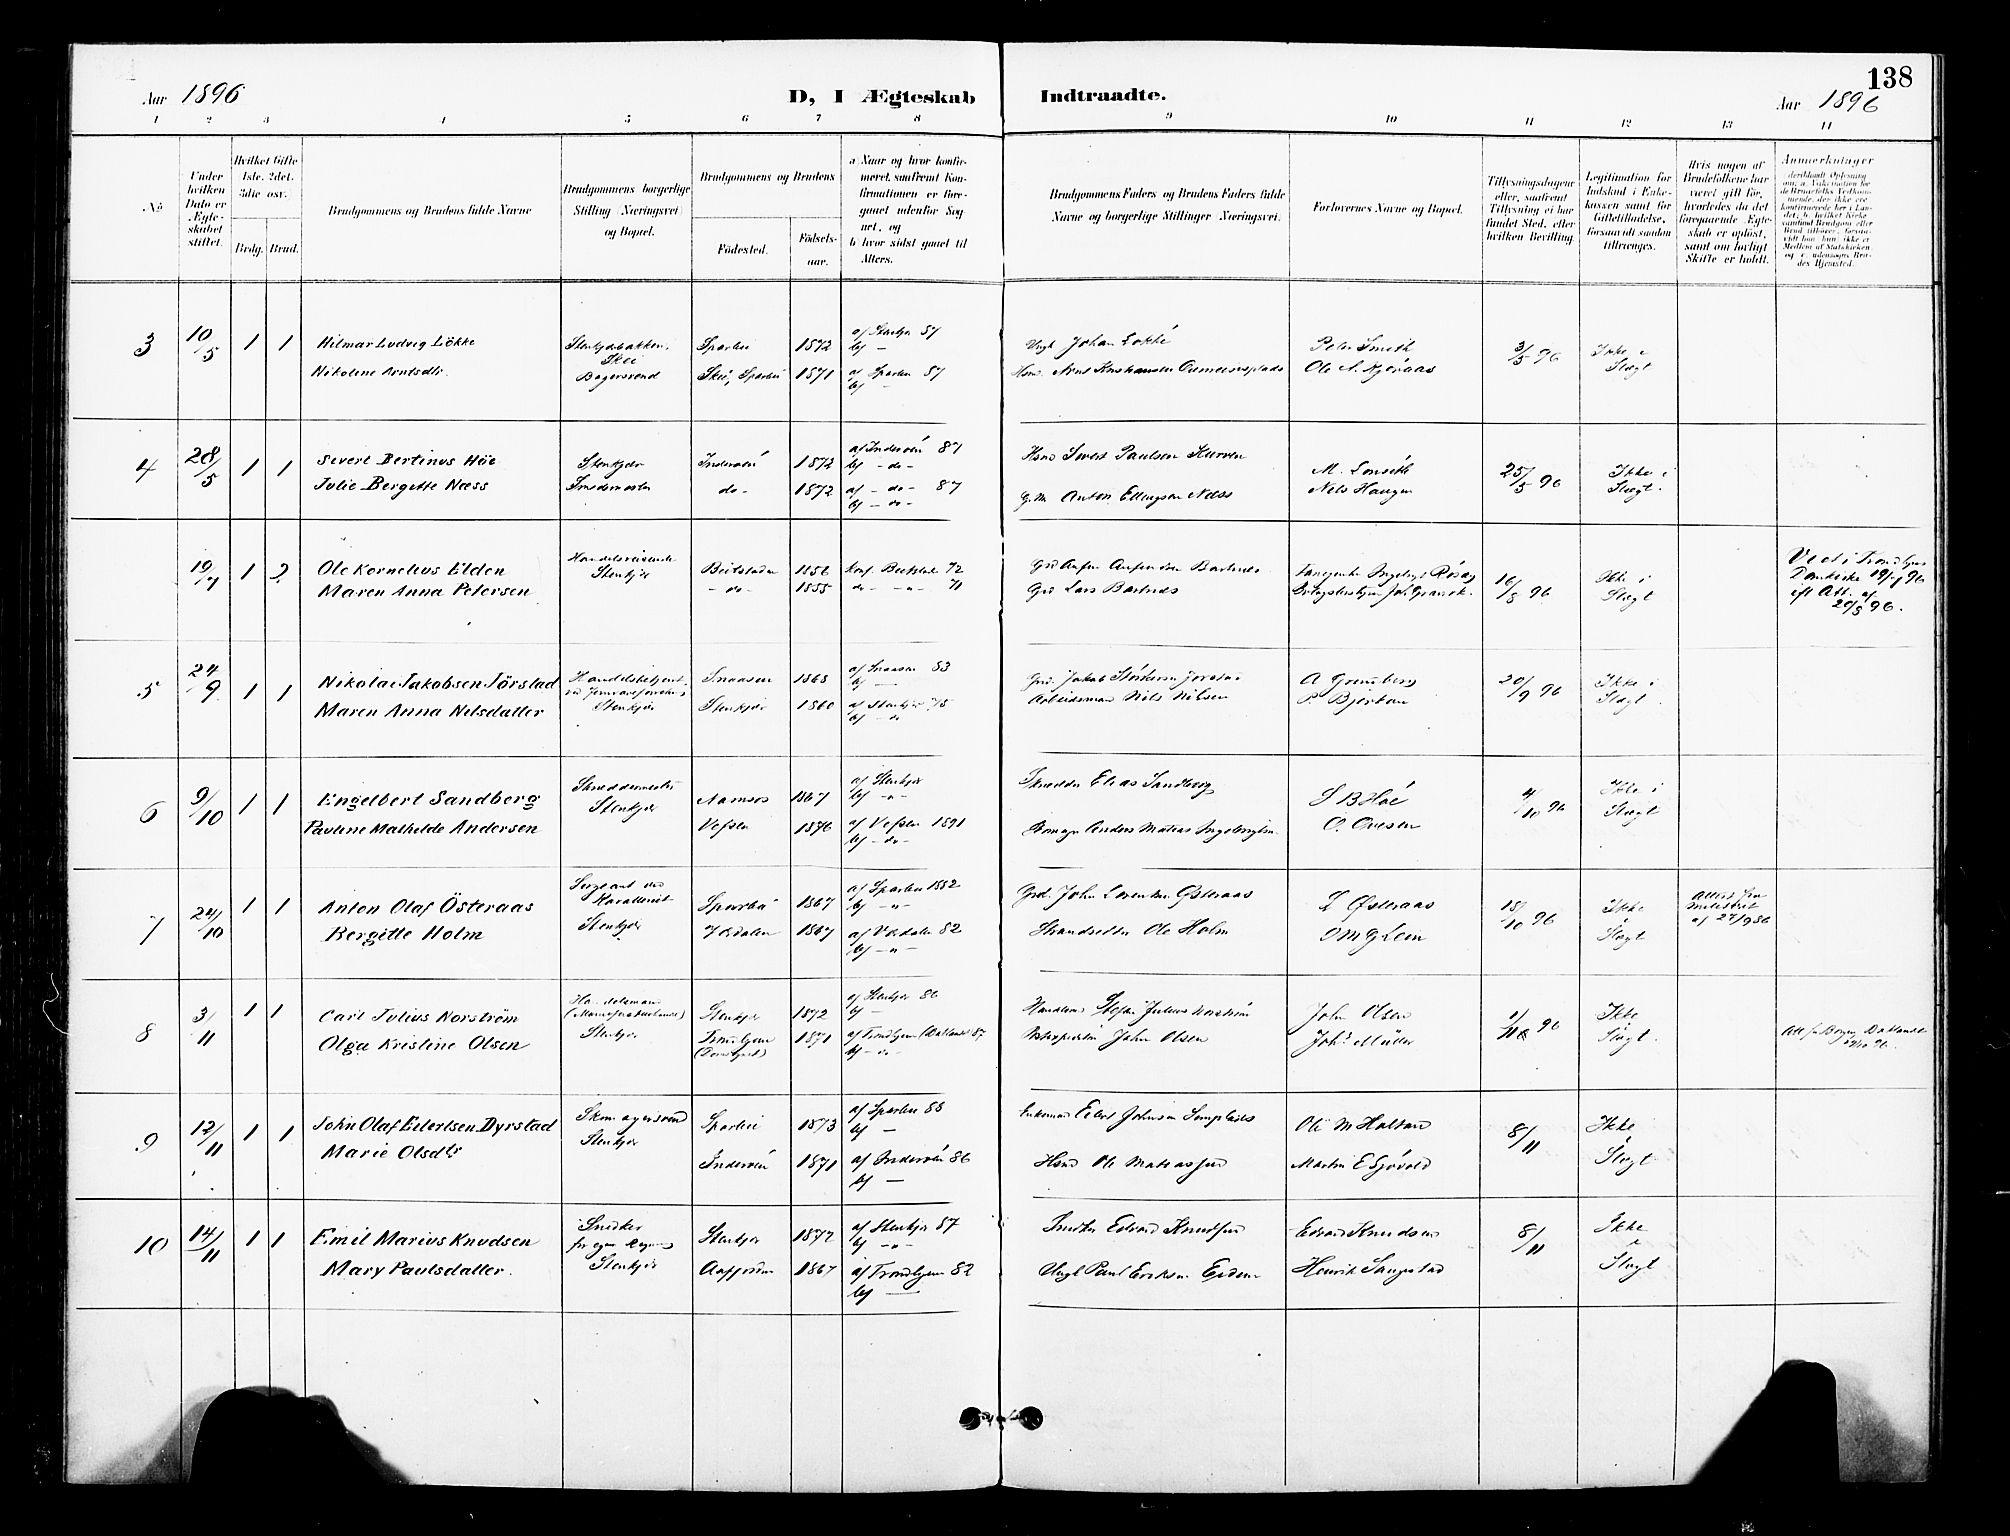 SAT, Ministerialprotokoller, klokkerbøker og fødselsregistre - Nord-Trøndelag, 739/L0372: Ministerialbok nr. 739A04, 1895-1903, s. 138